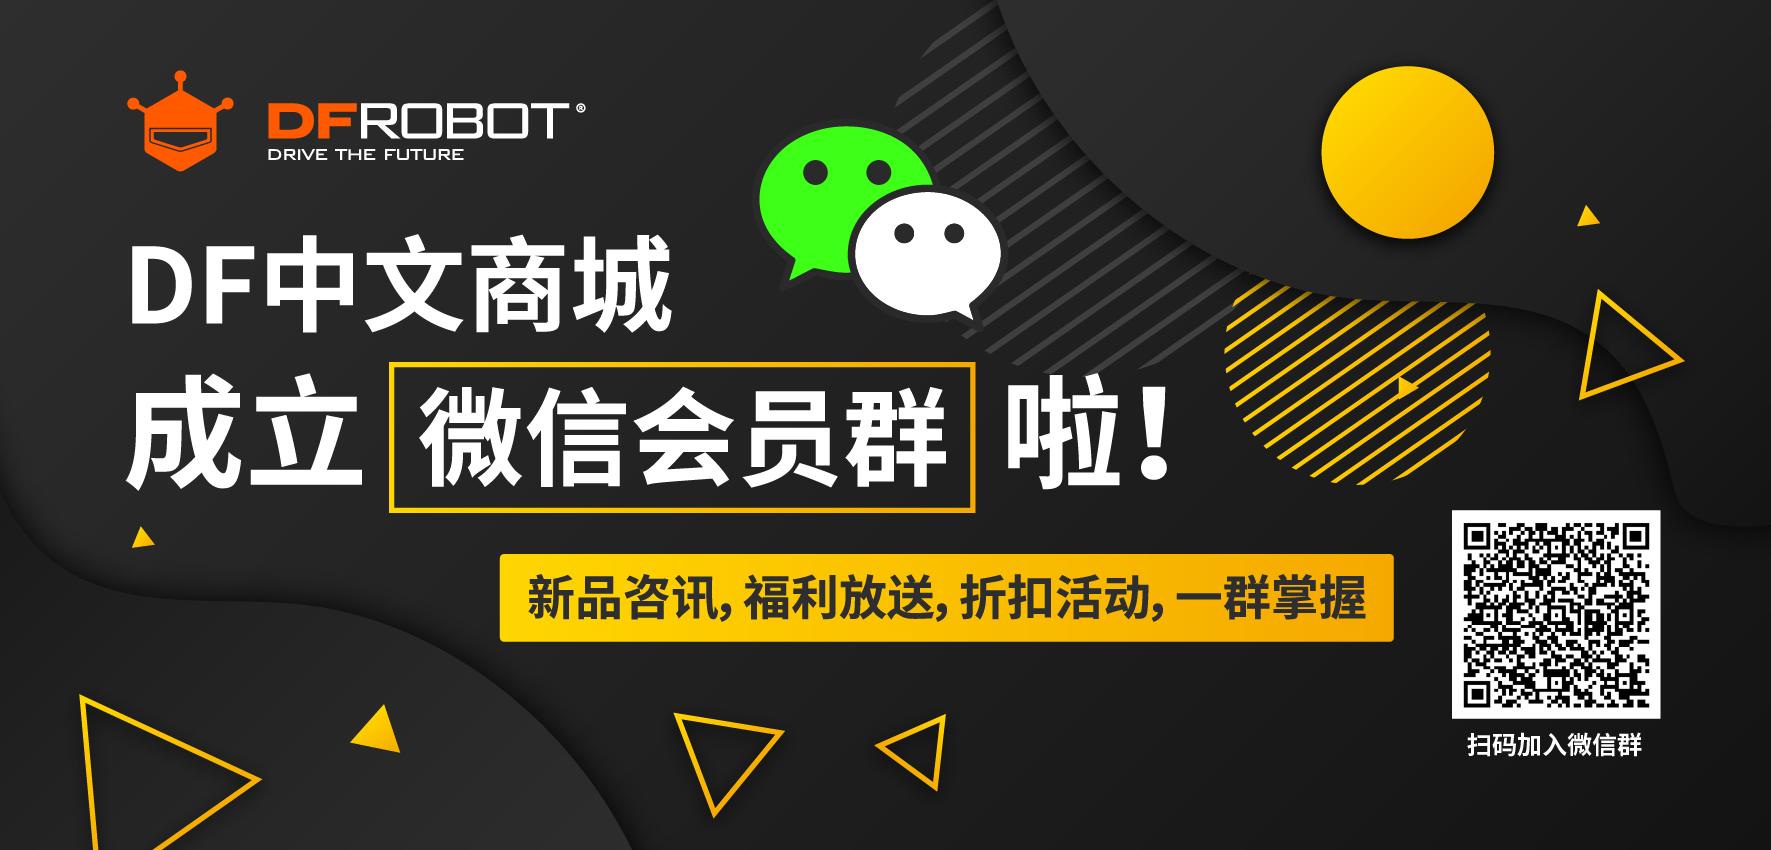 DFRobot最新创客活动-微信会员群